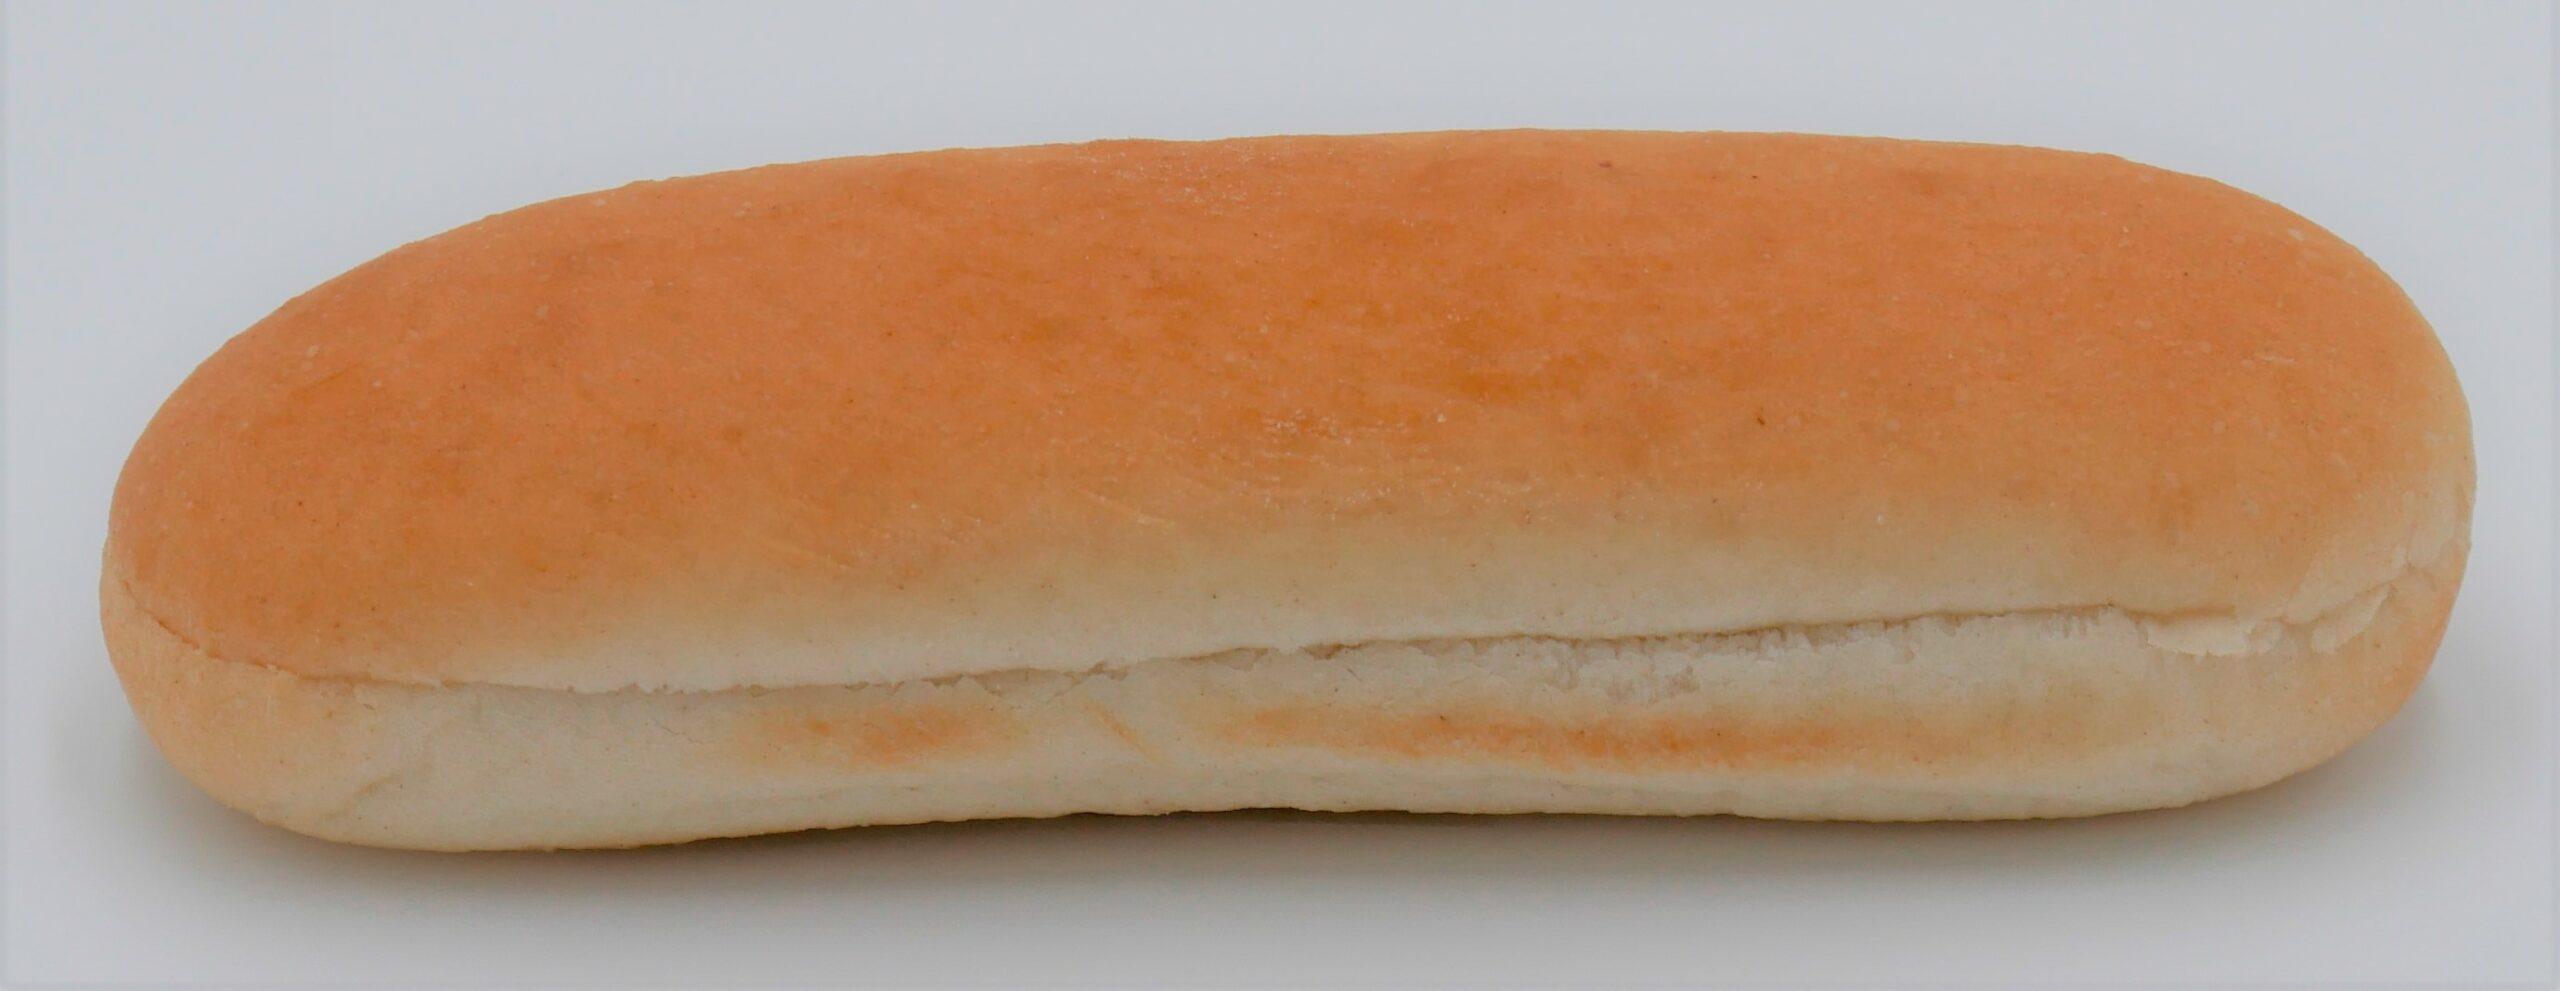 Hot Dog 39,5g Image